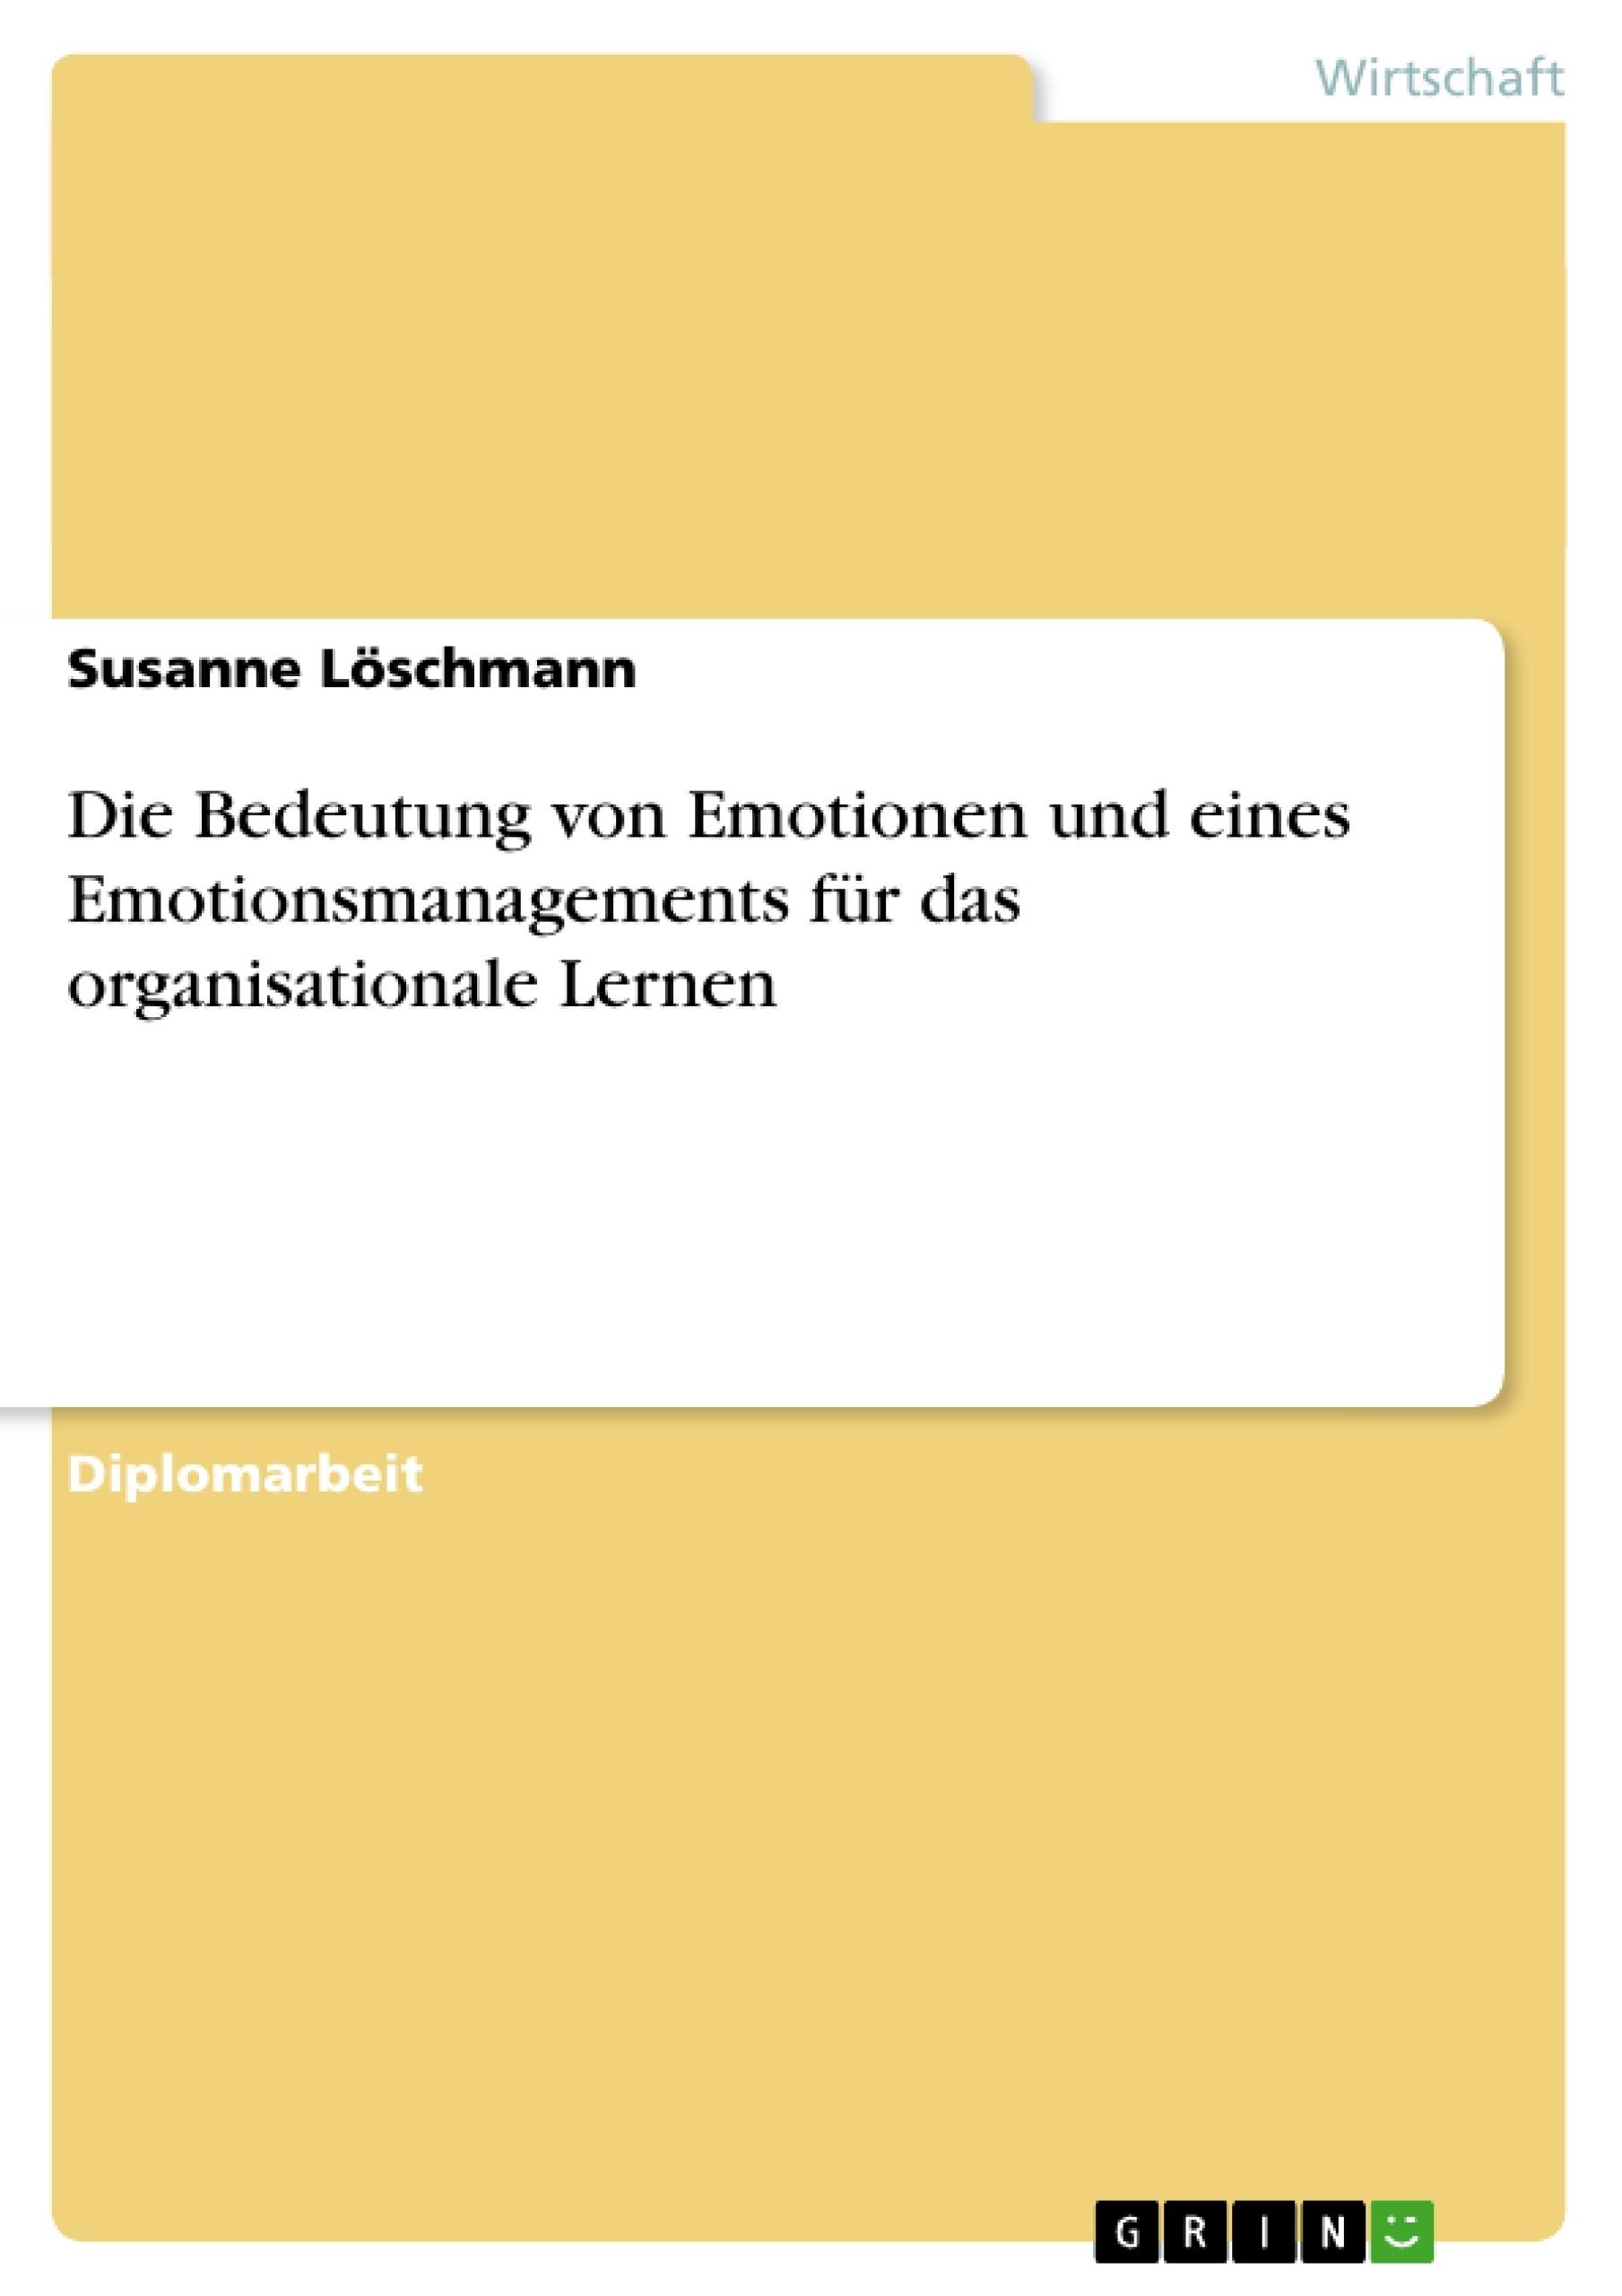 Titel: Die Bedeutung von Emotionen und eines Emotionsmanagements für das organisationale Lernen